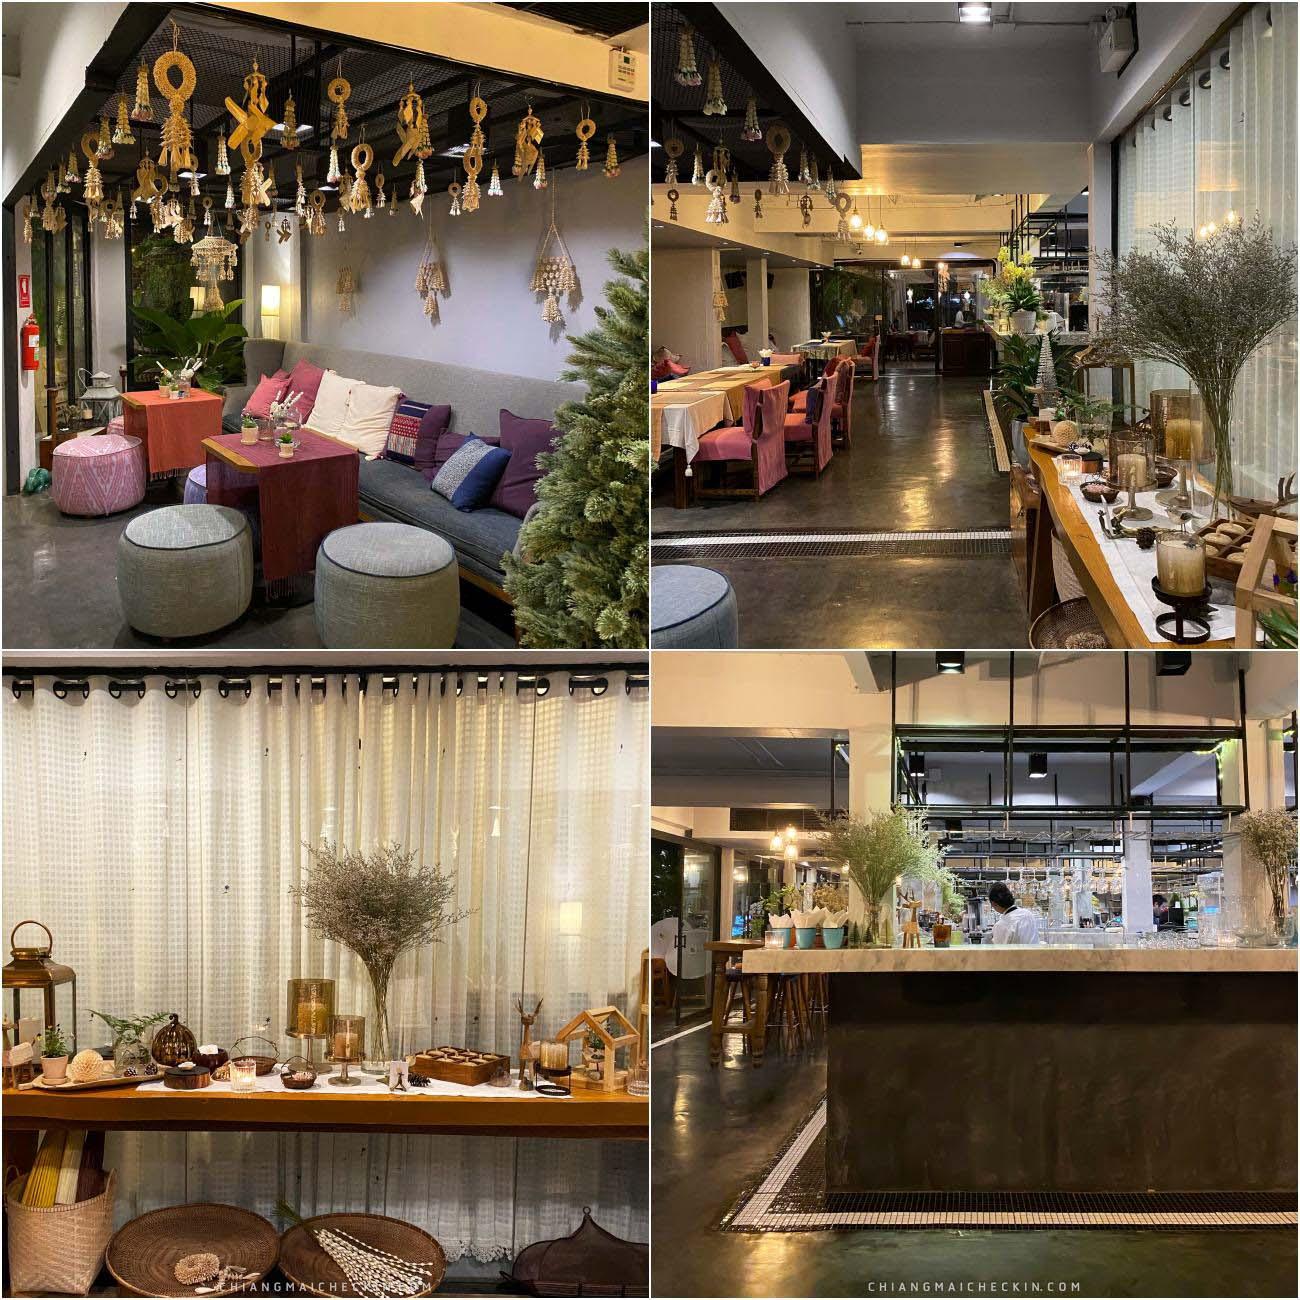 Wanlamun Rim Nam ร้านอาหารไทยตกแต่งสวยดีงาม บรรยากาศดี ติดริมแม่น้ำปิง พนักงานสุภาพและบริการเป็นกันเองพลาดไม่ได้แล้ว